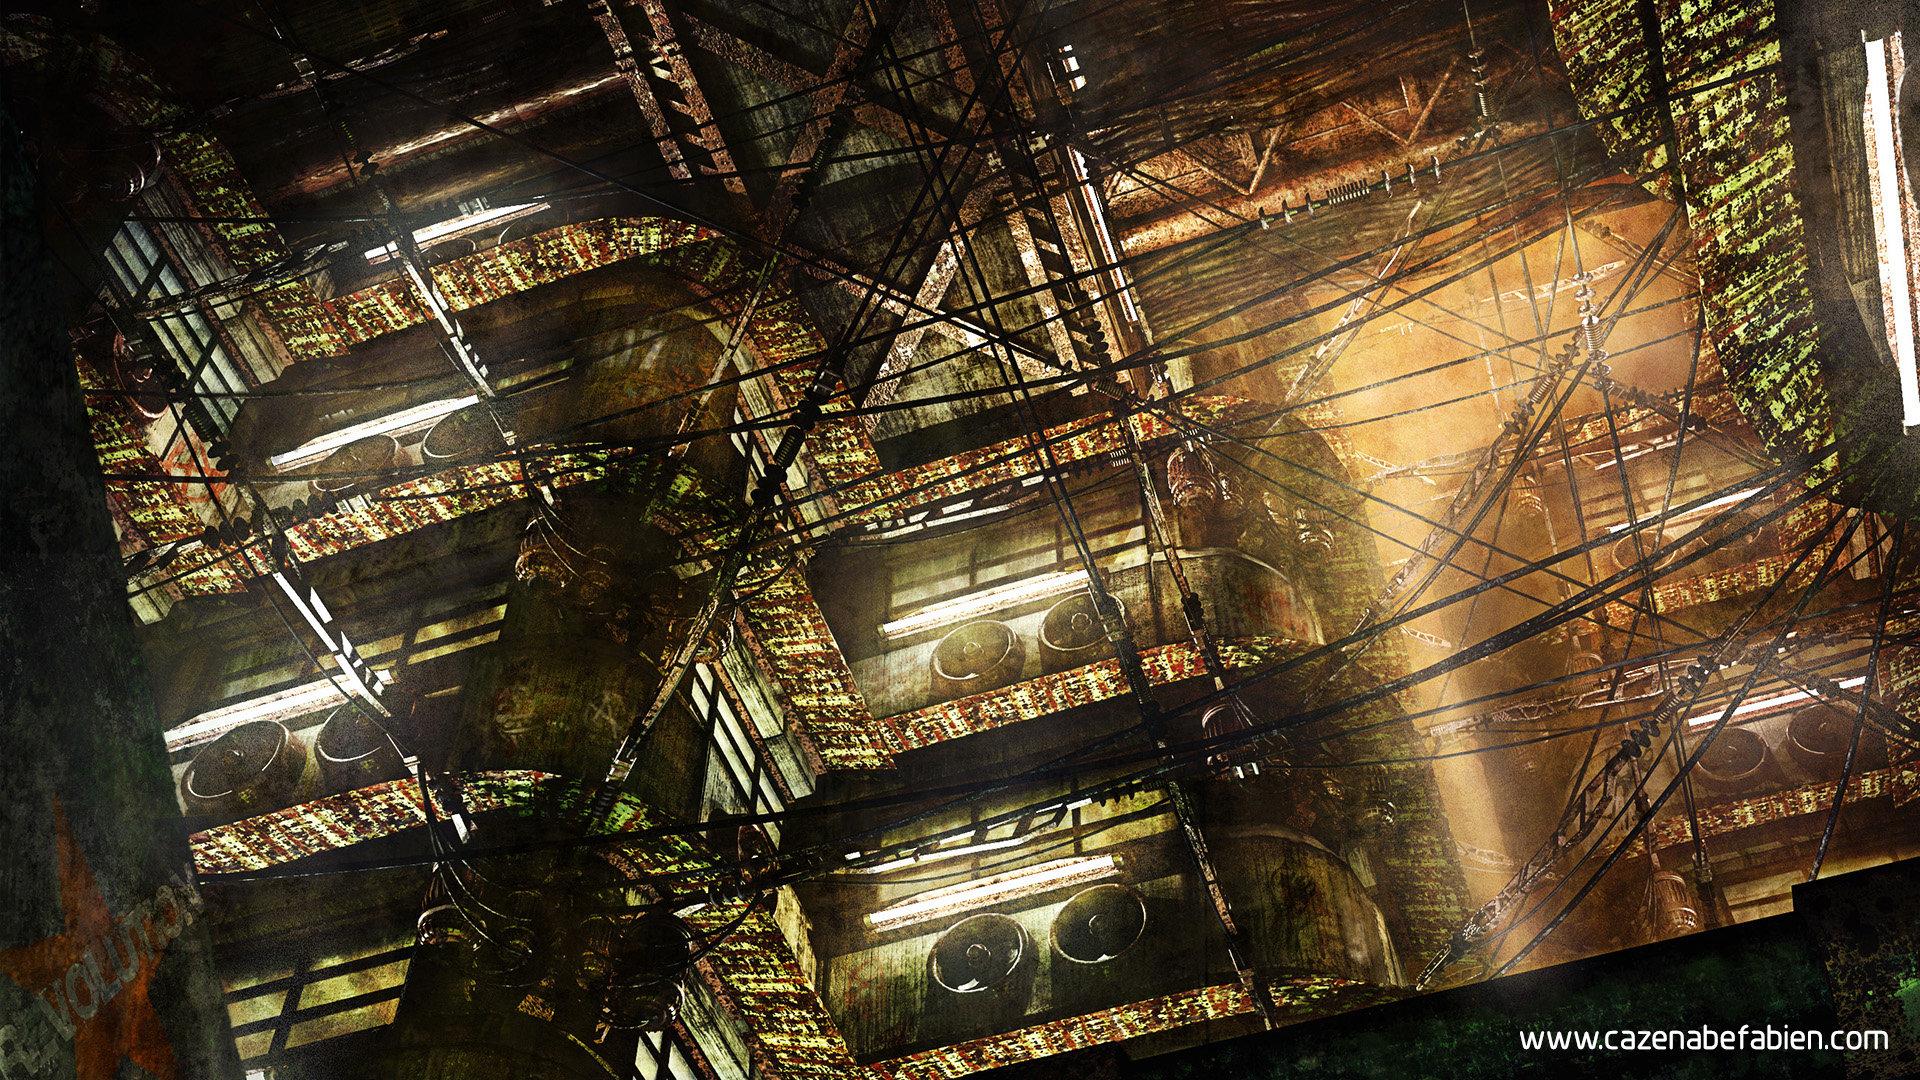 Fabien cazenabe poor city final test01